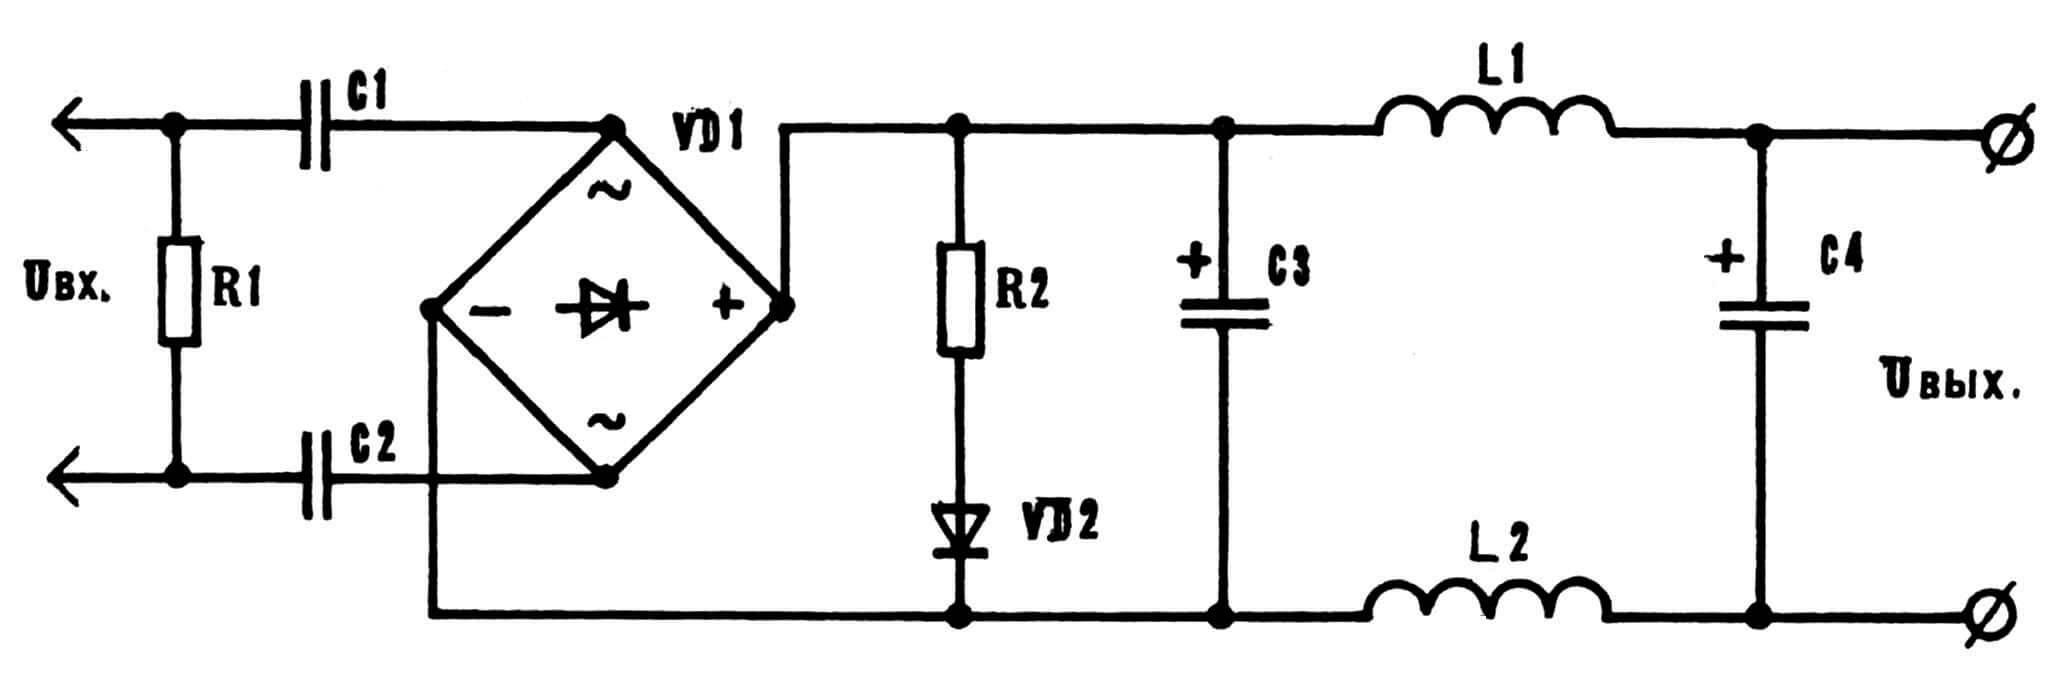 Принципиальная электрическая схема «всеядного» энергоблока.